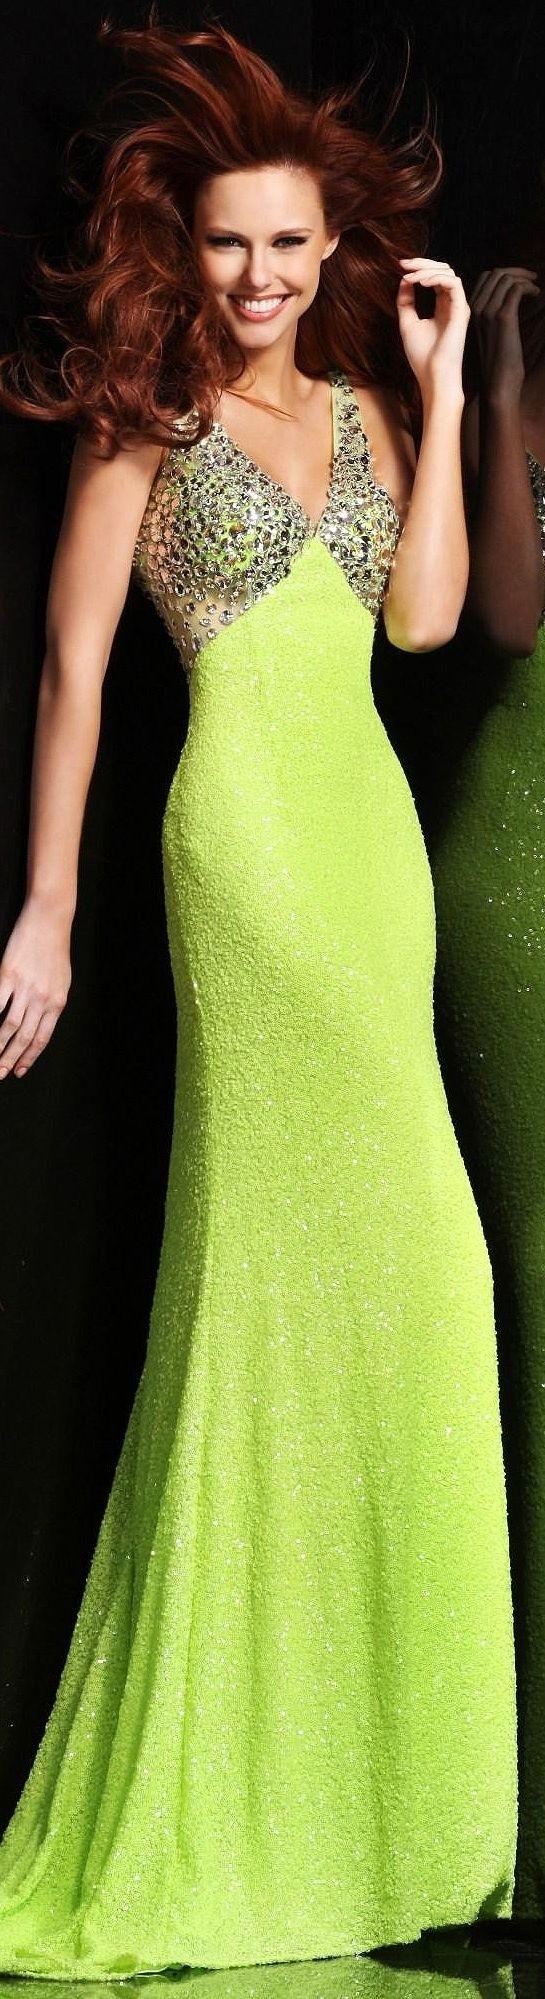 Neon dress - #neon  ☮k☮